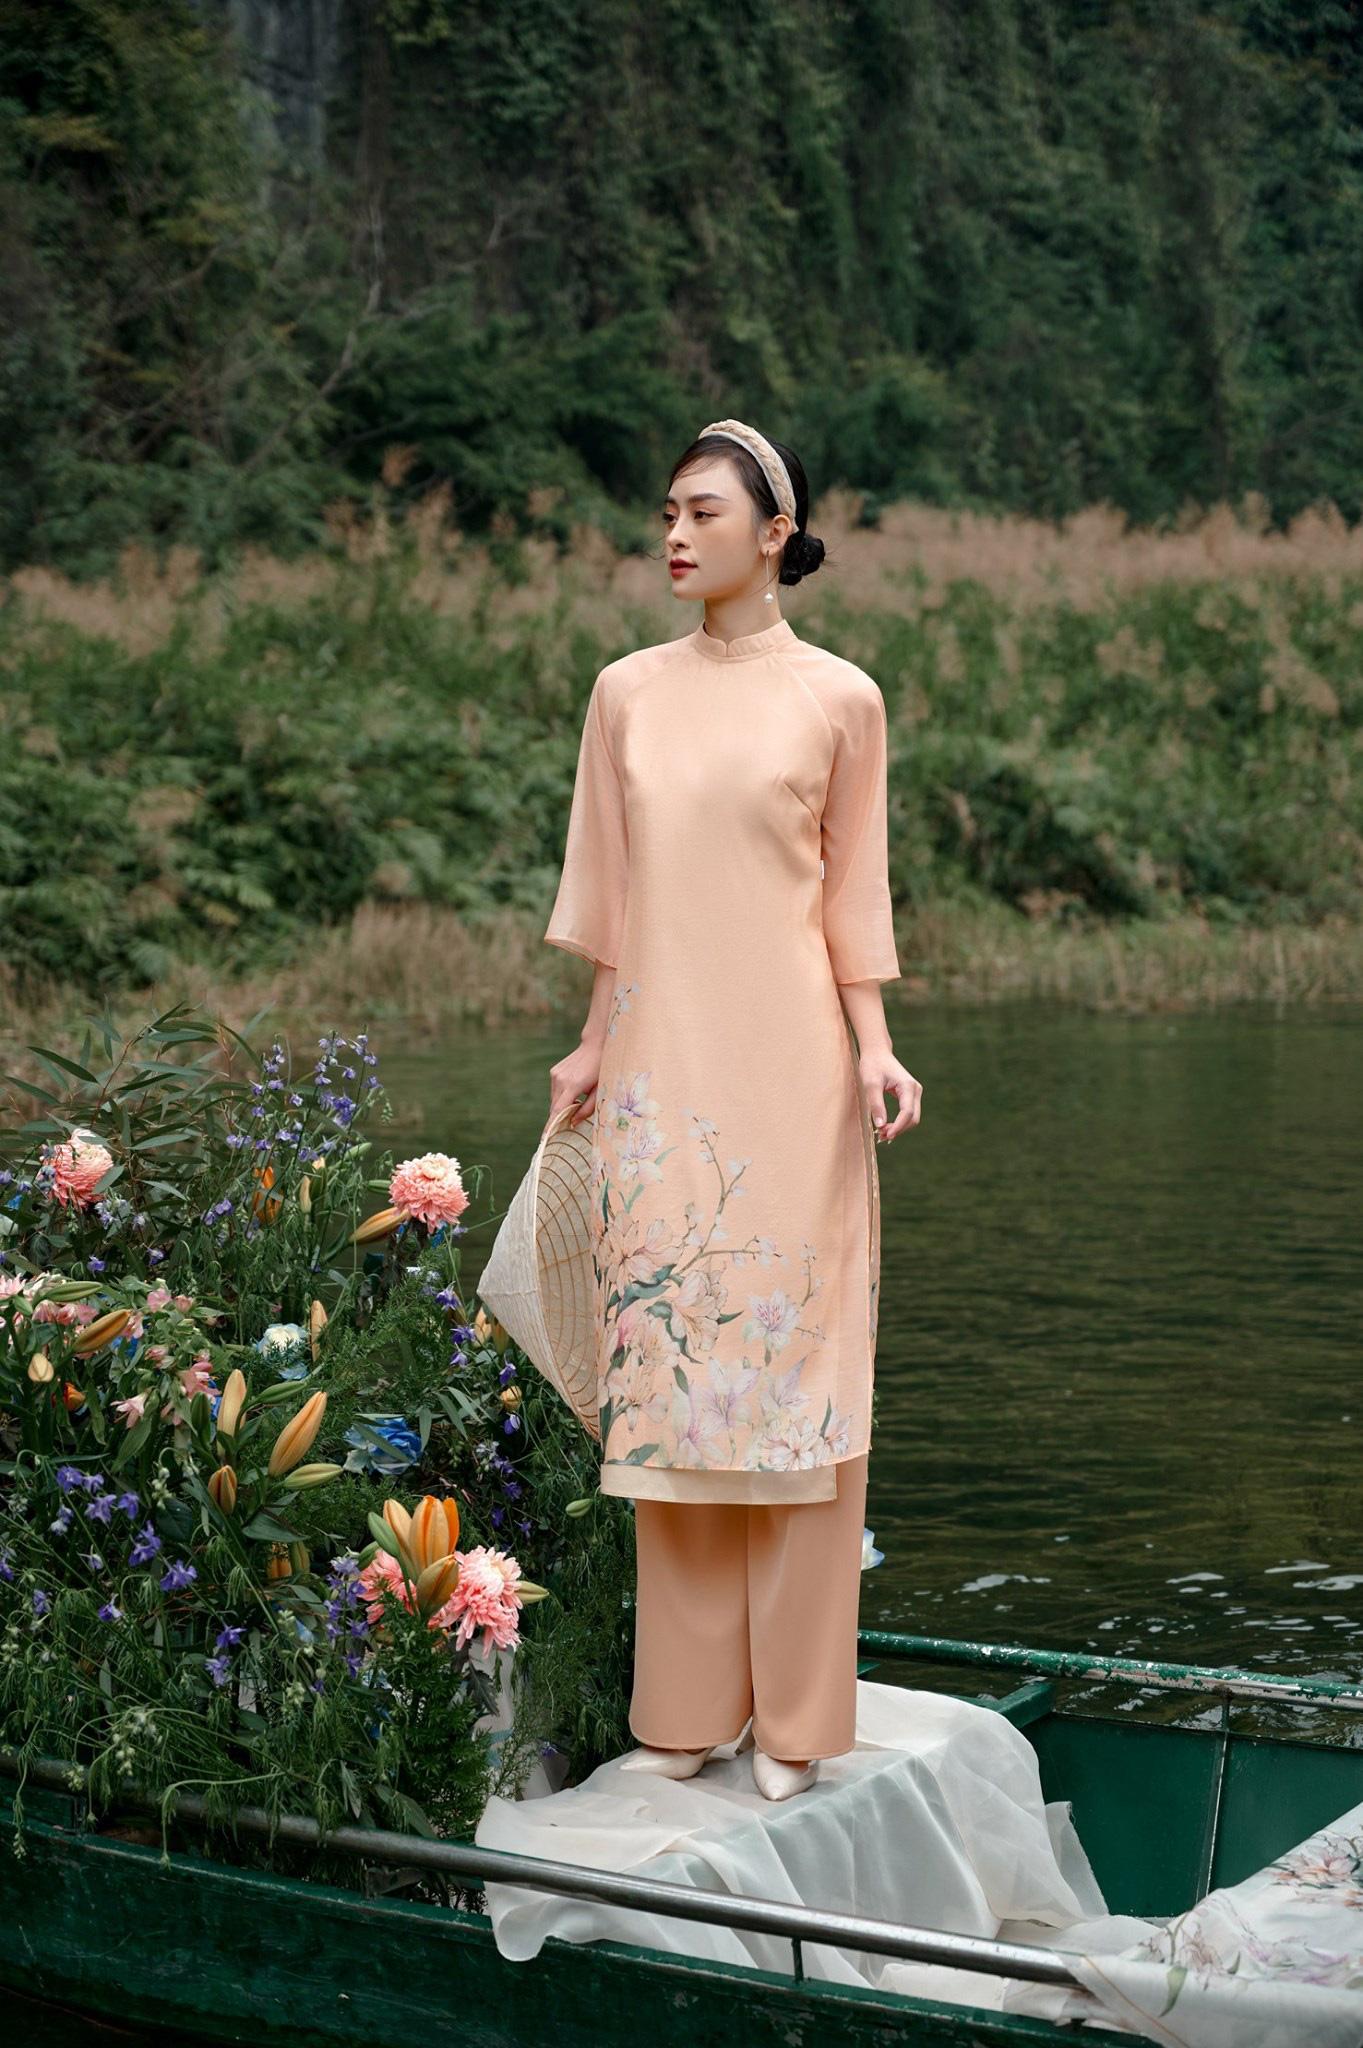 Thương hiệu thời trang Zyms House - Nét đẹp áo dài truyền thống Việt Nam - Ảnh 3.